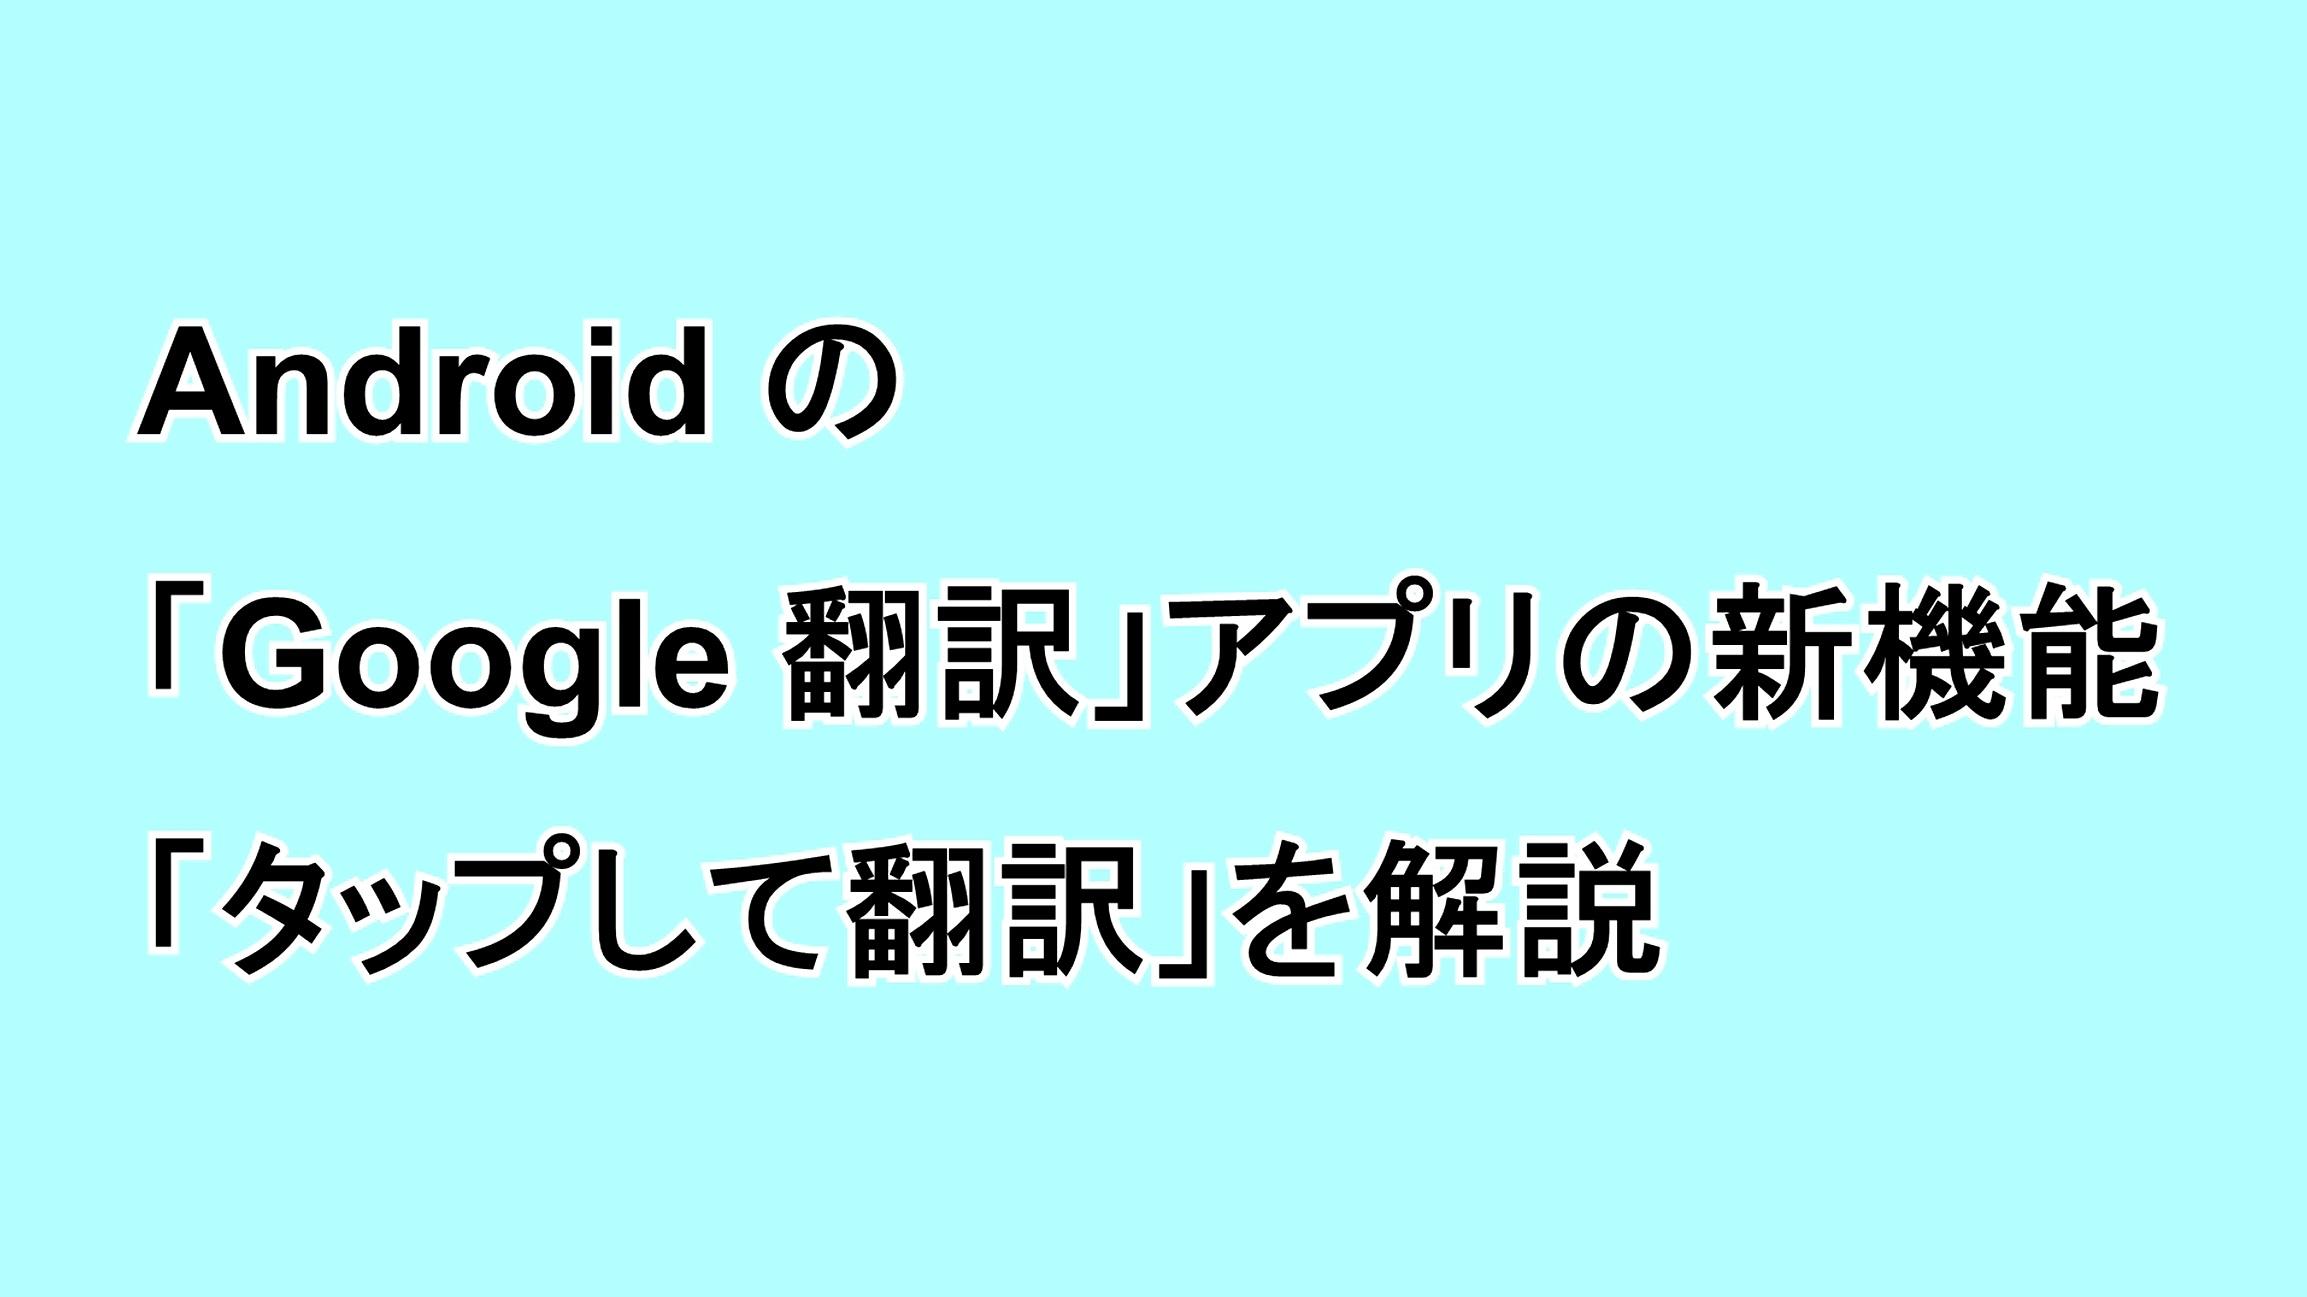 Android用の「Google 翻訳」アプリの新機能「タップして翻訳」を解説